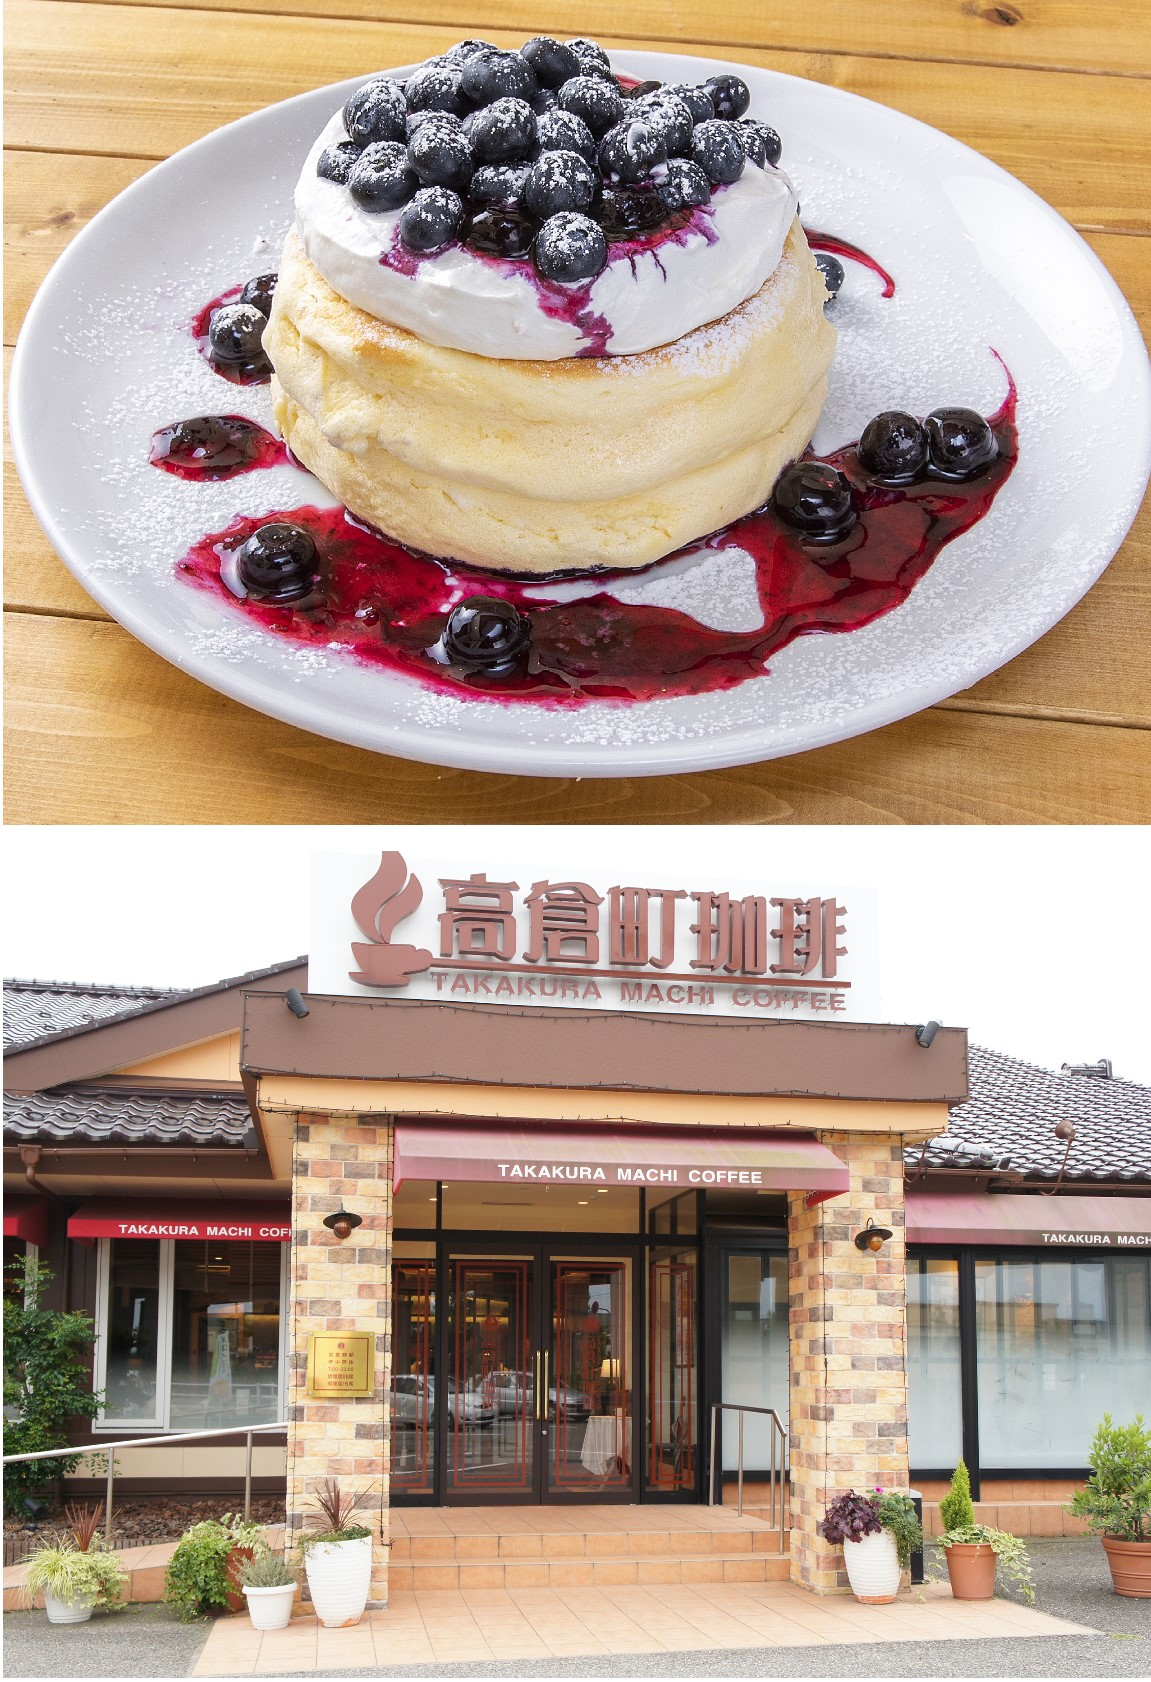 高倉町珈琲 金沢桜田店 フレッシュブルーベリーをたっぷり使った、夏定番パンケーキが登場!